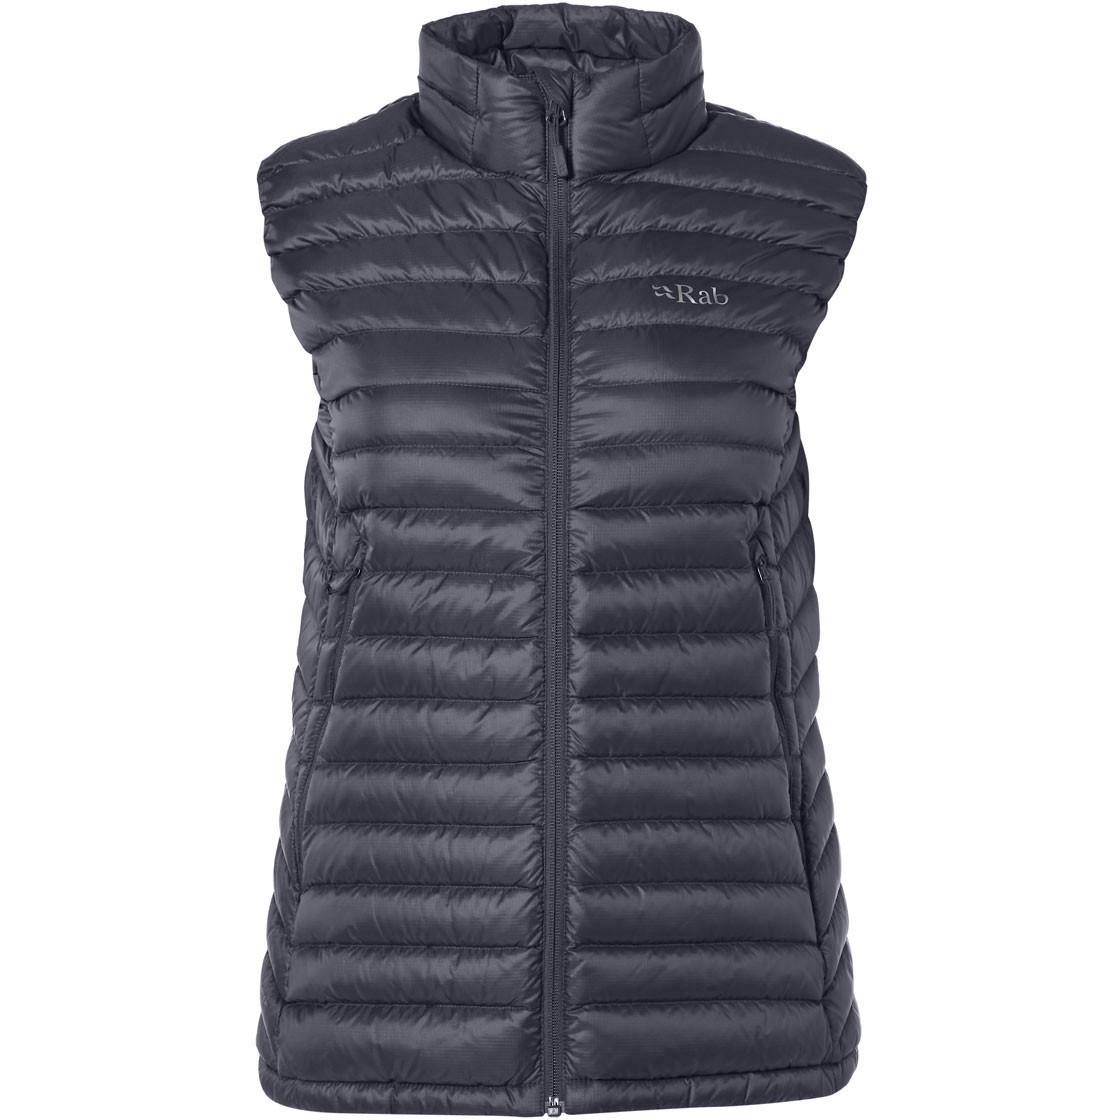 Rab Microlight Vest - Women's - Steel/Passata